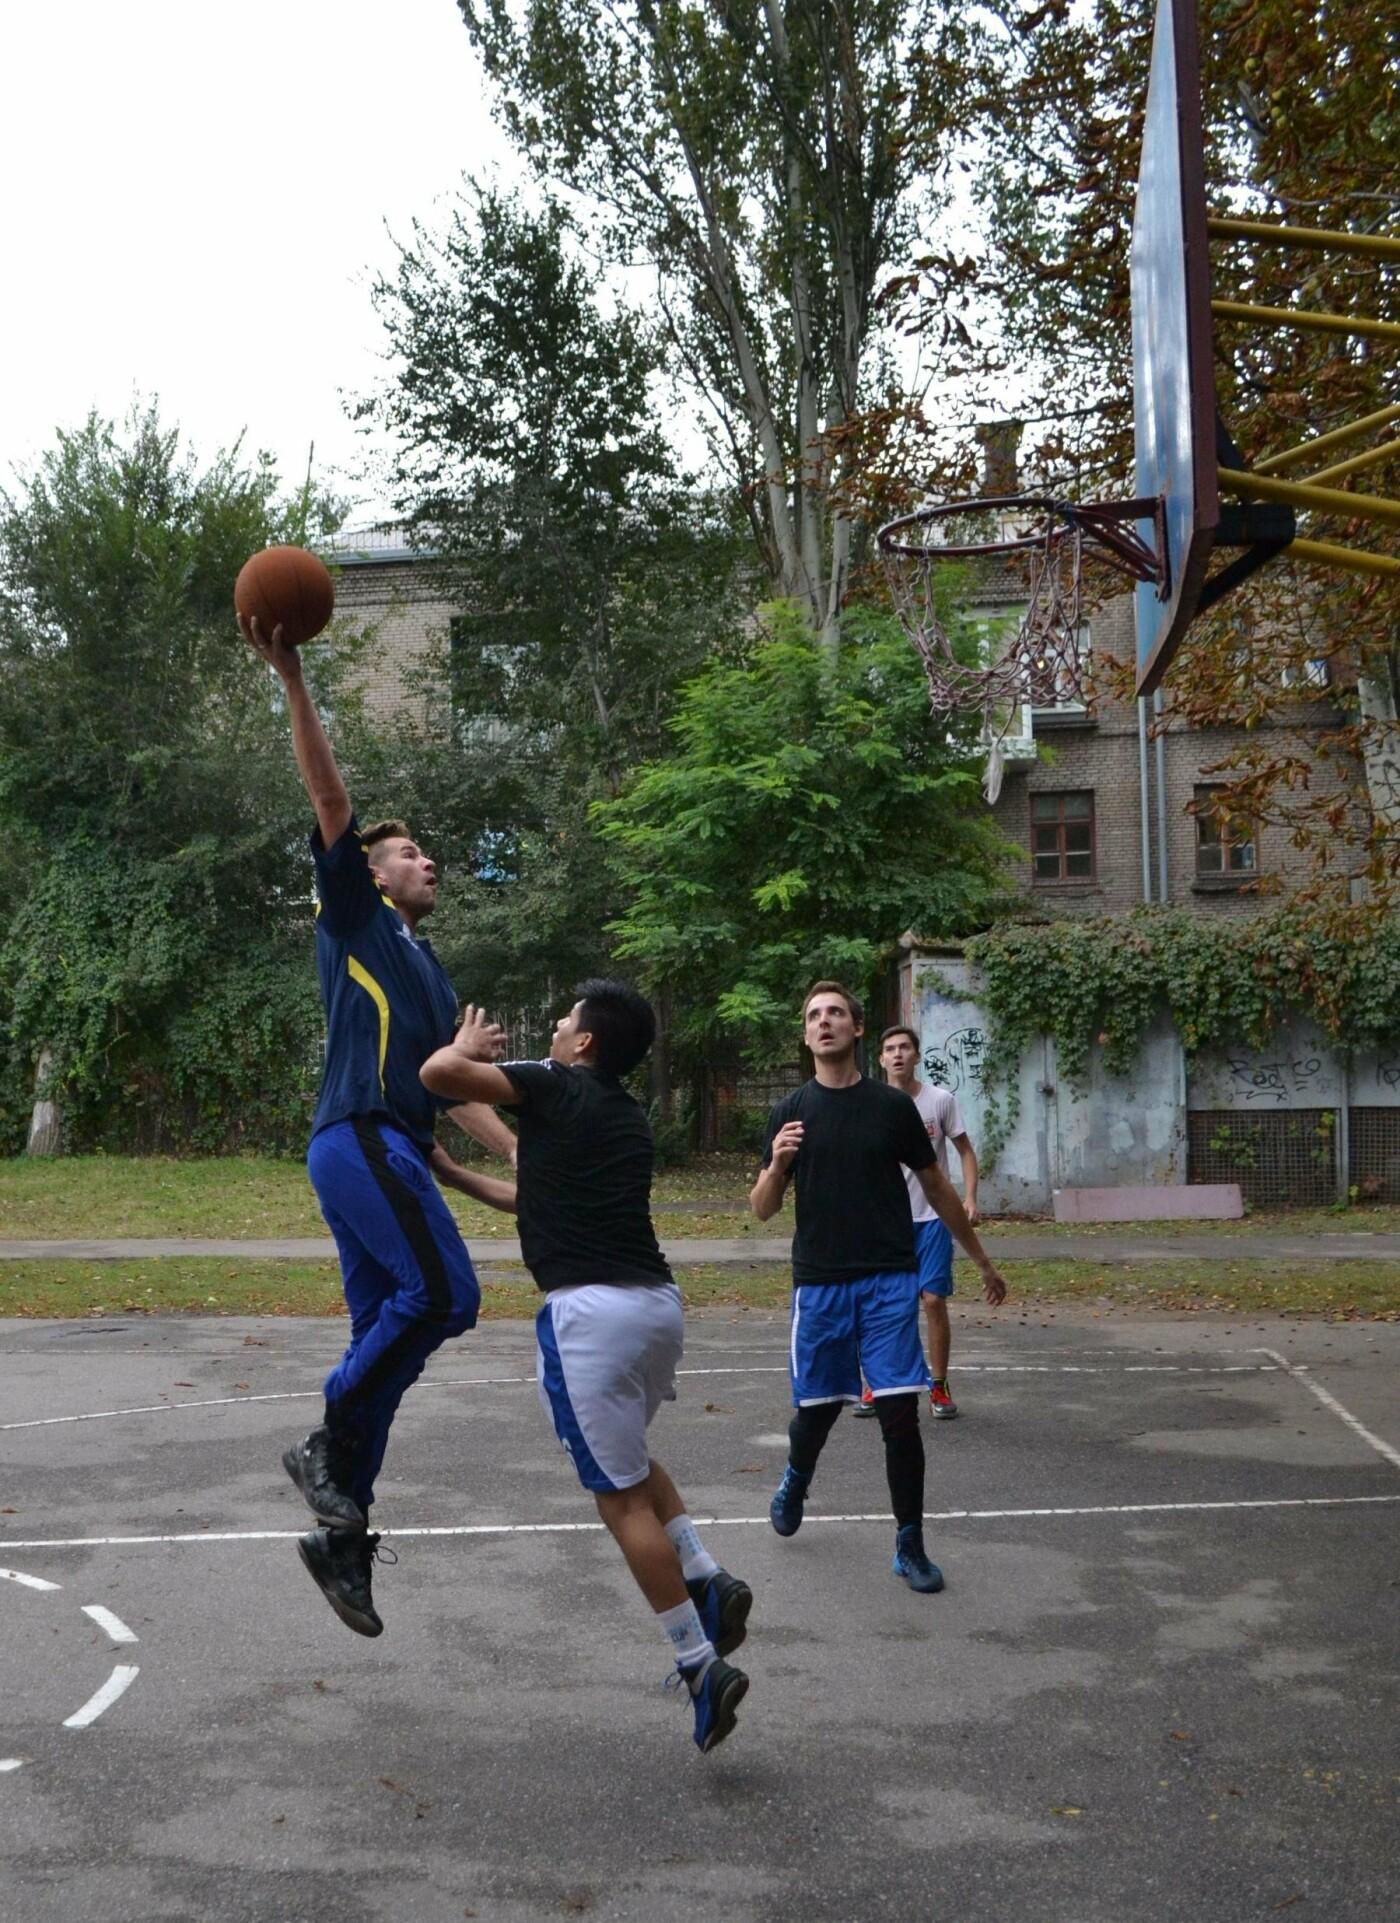 В Запорожье с успехом прошли соревнования по стритболу среди аматоров при финансовой поддержке мецената Александра Богуслаева, фото-3